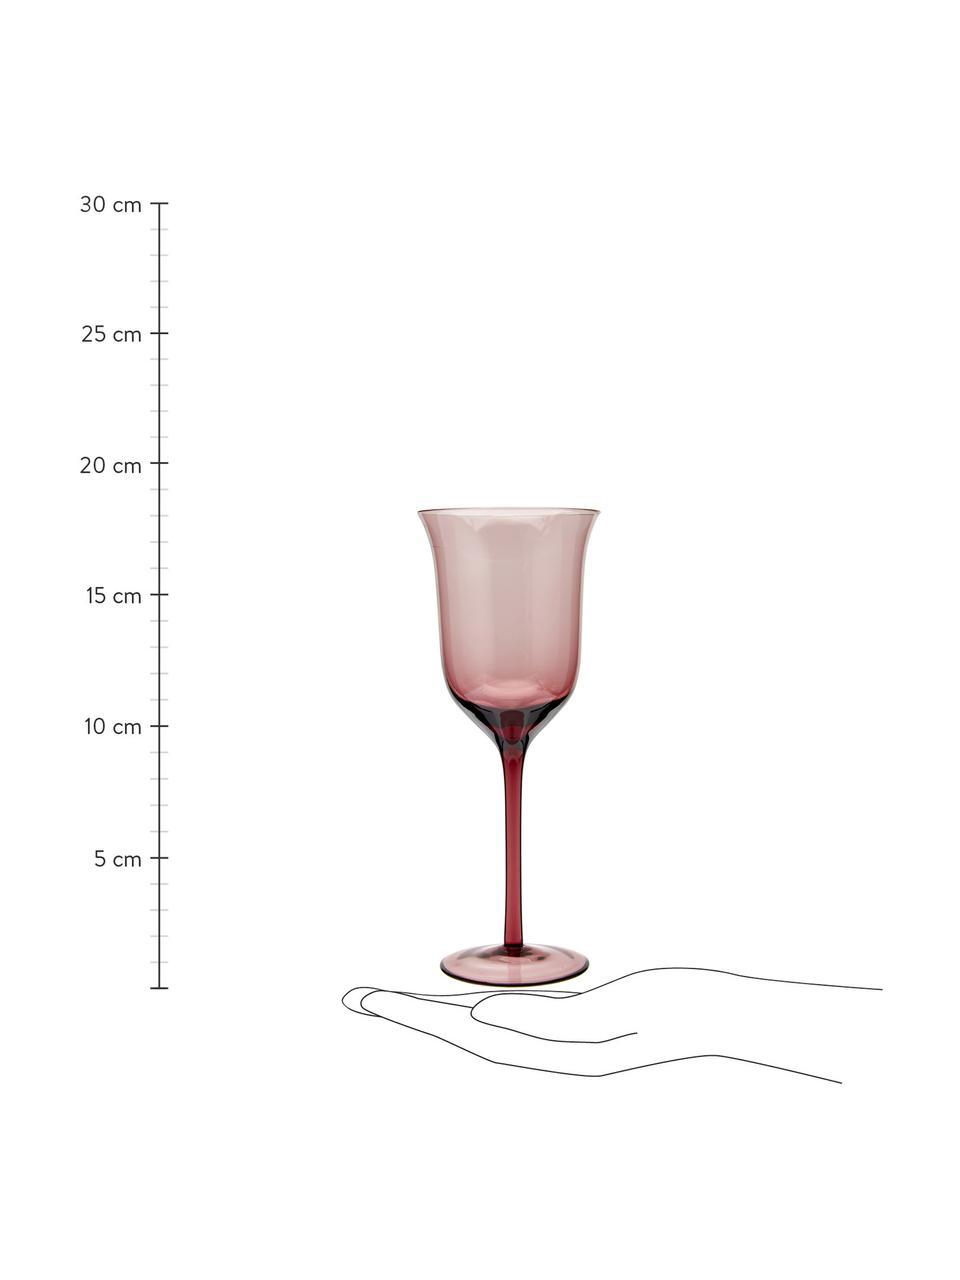 Komplet dużych kieliszków do wina ze szkła dmuchanego Desigual, 6elem., Szkło dmuchane, Wielobarwny, Ø 7 x W 24 cm